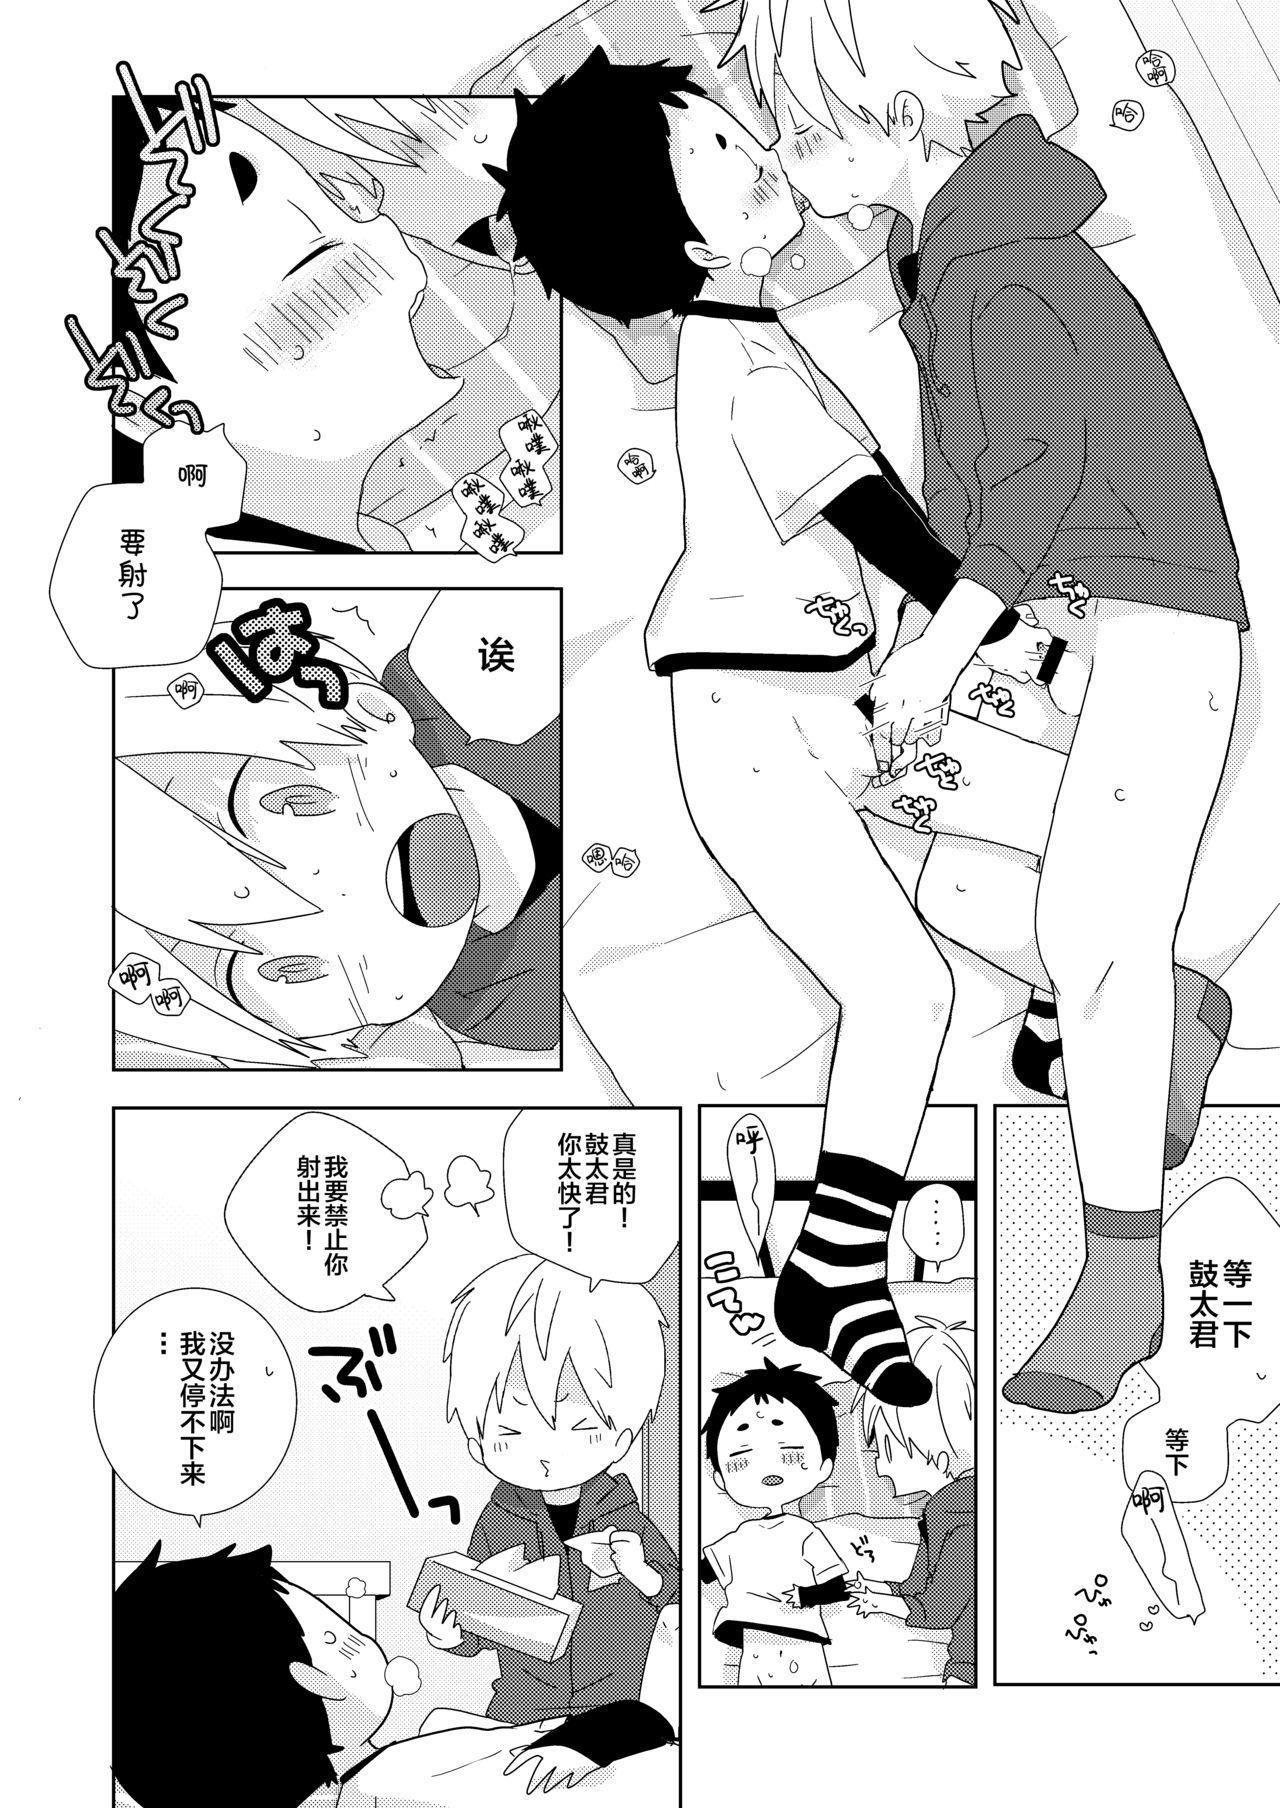 Kota-kun Ecchi Shiyo! 12